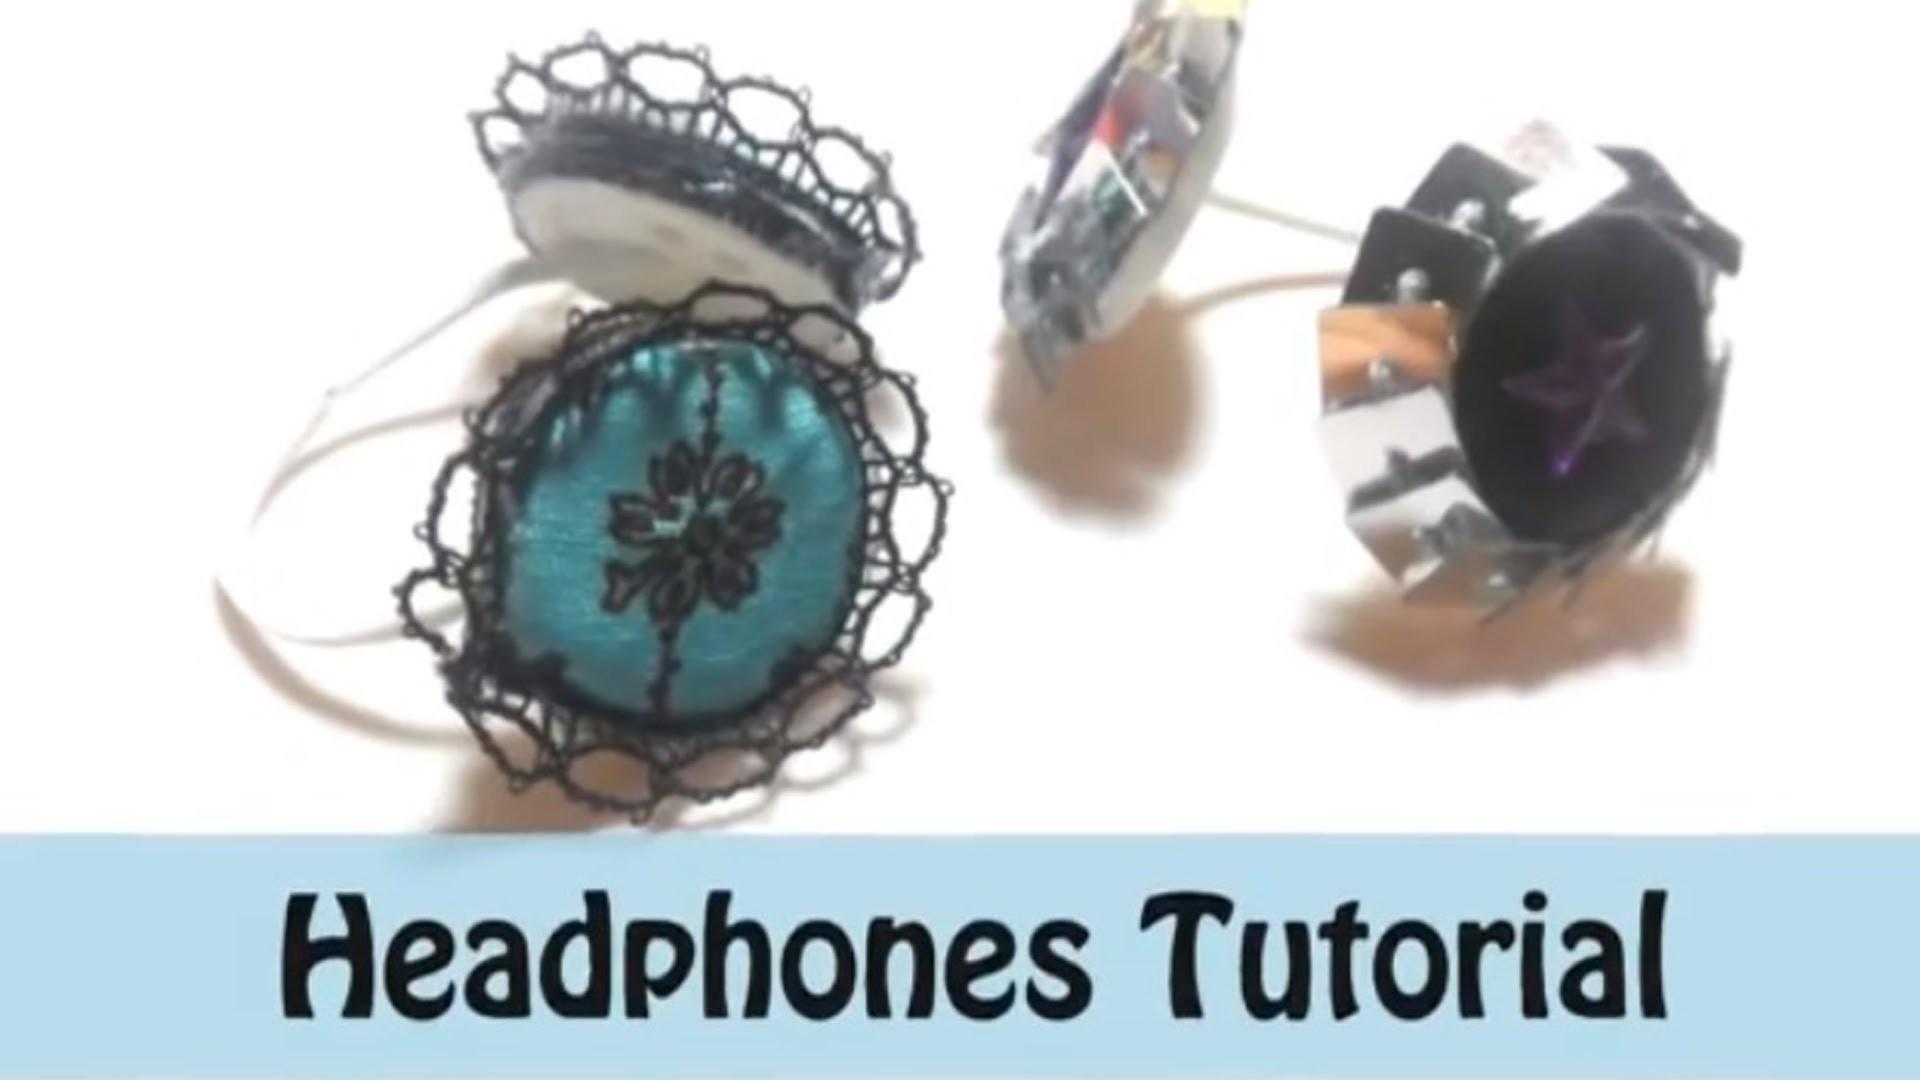 How To: Let's Rock! #1 Headphones (LPS)